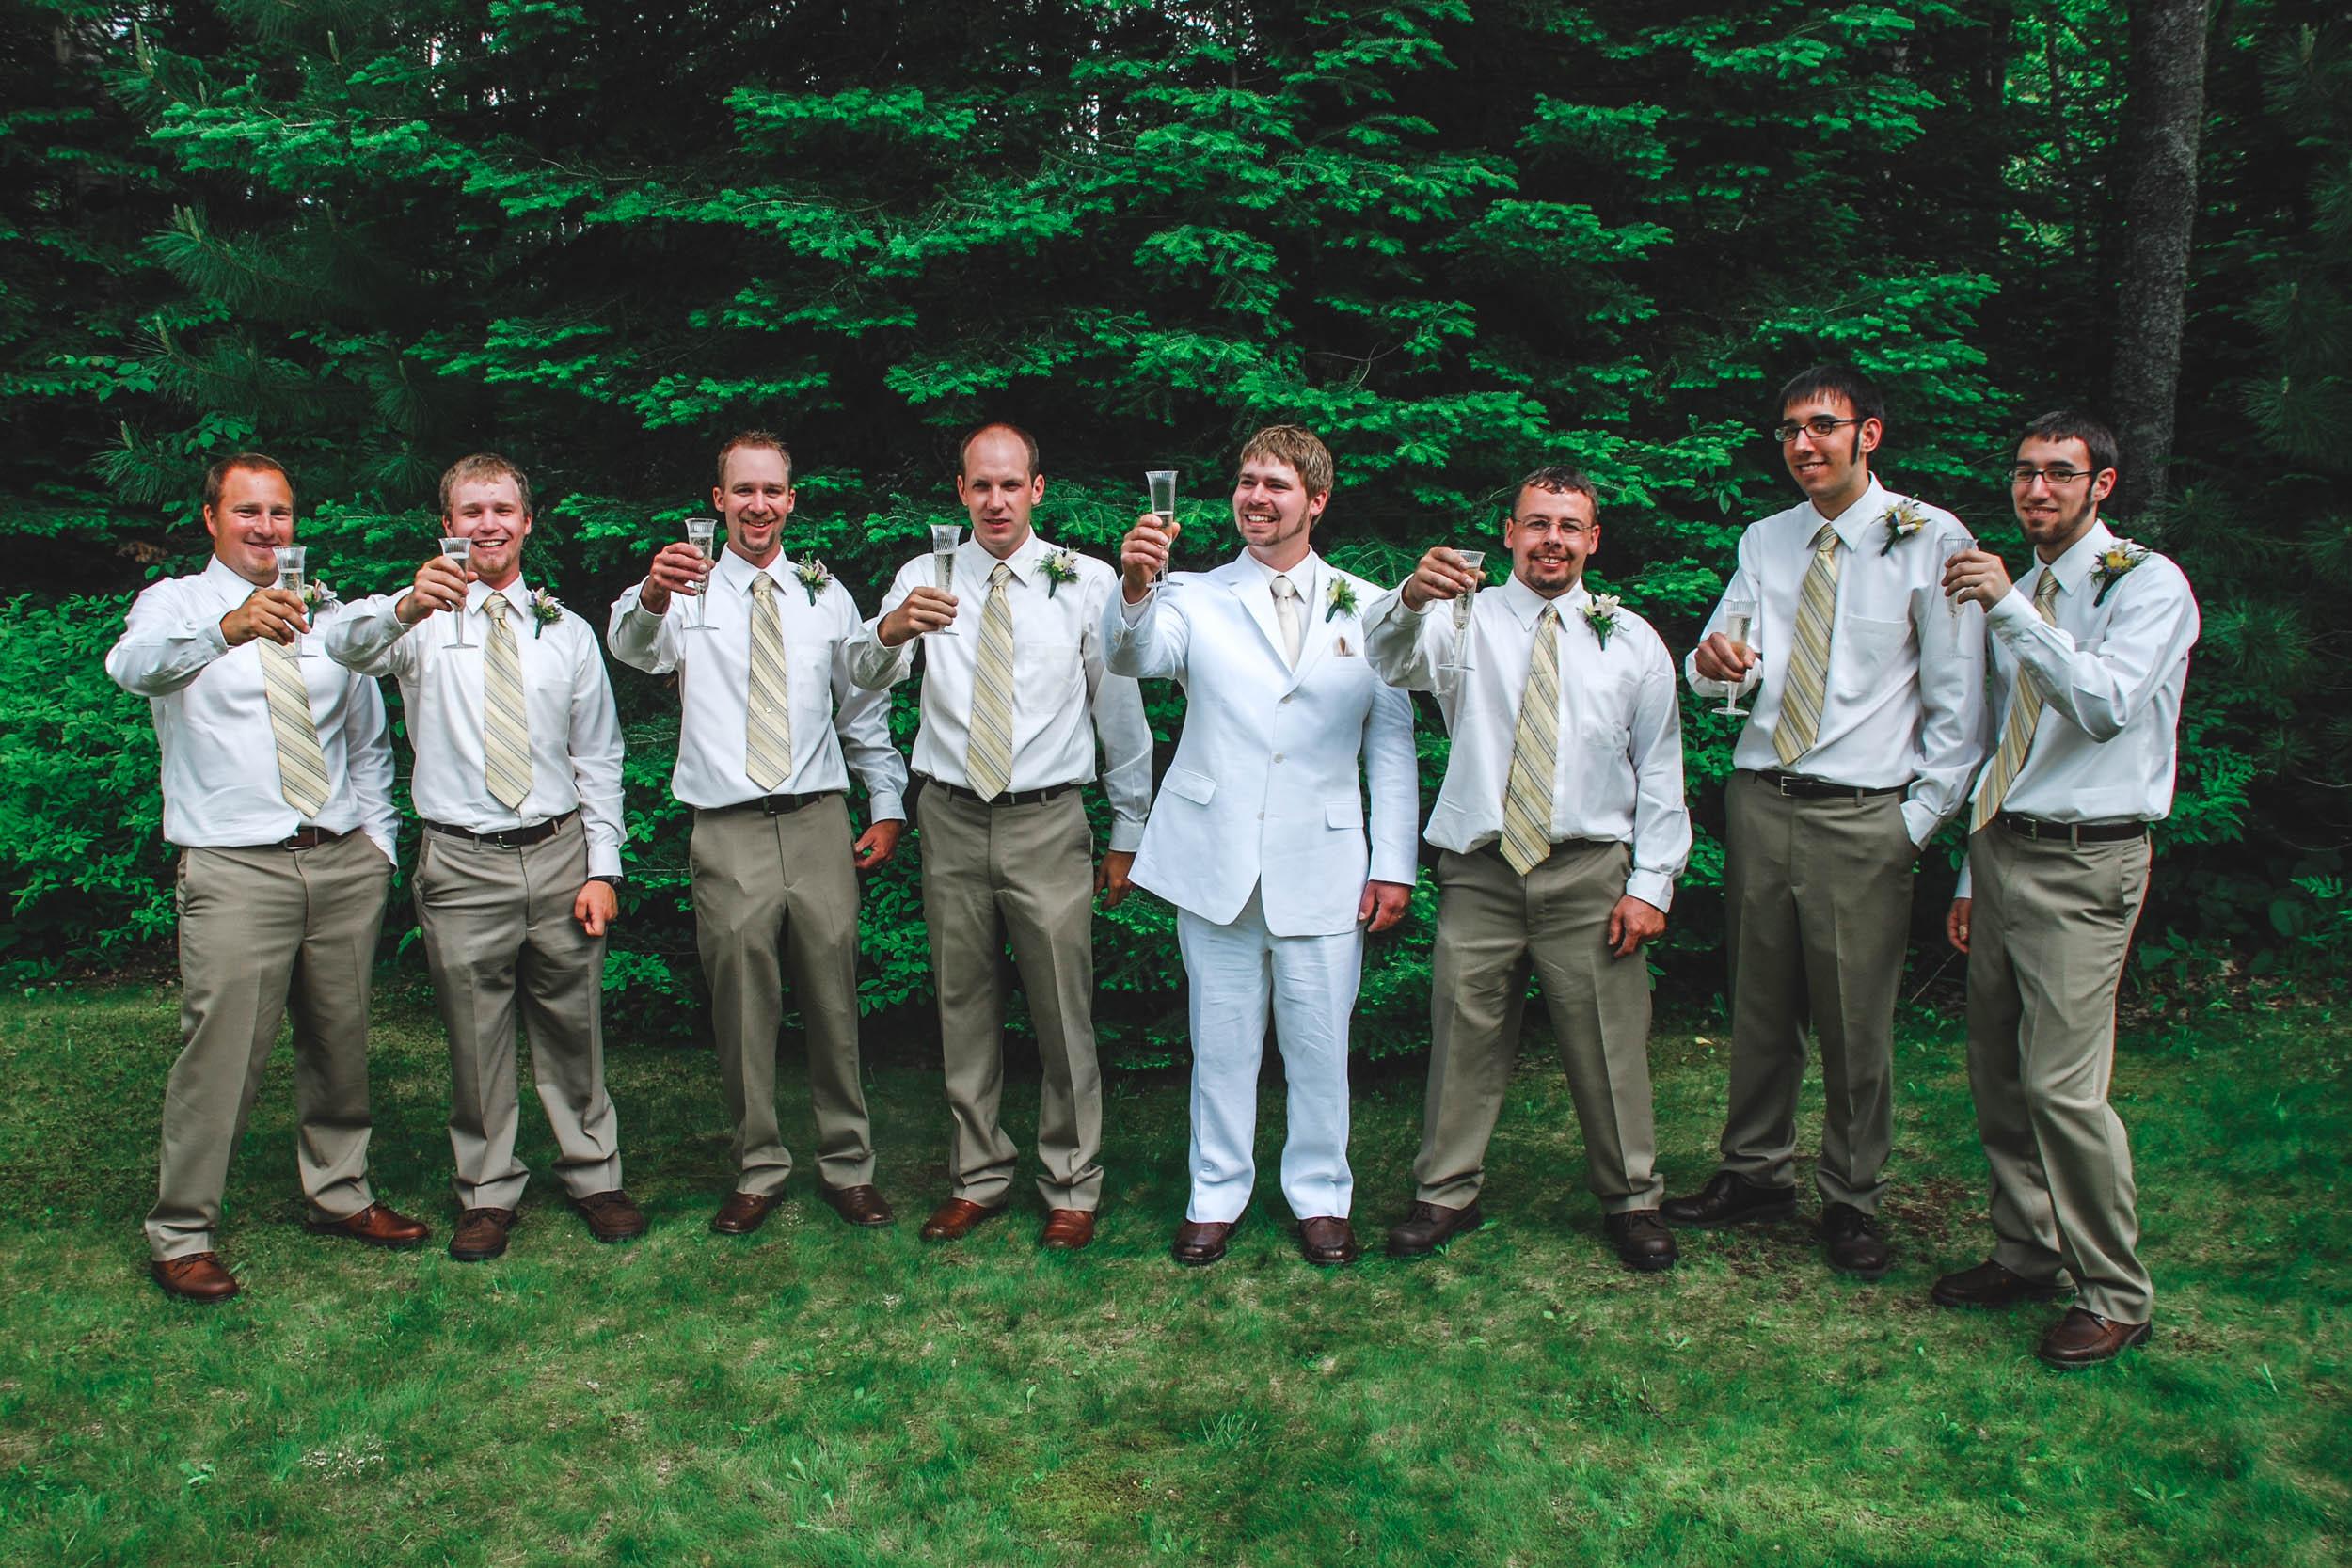 Outdoor wedding; groom and groomsmen